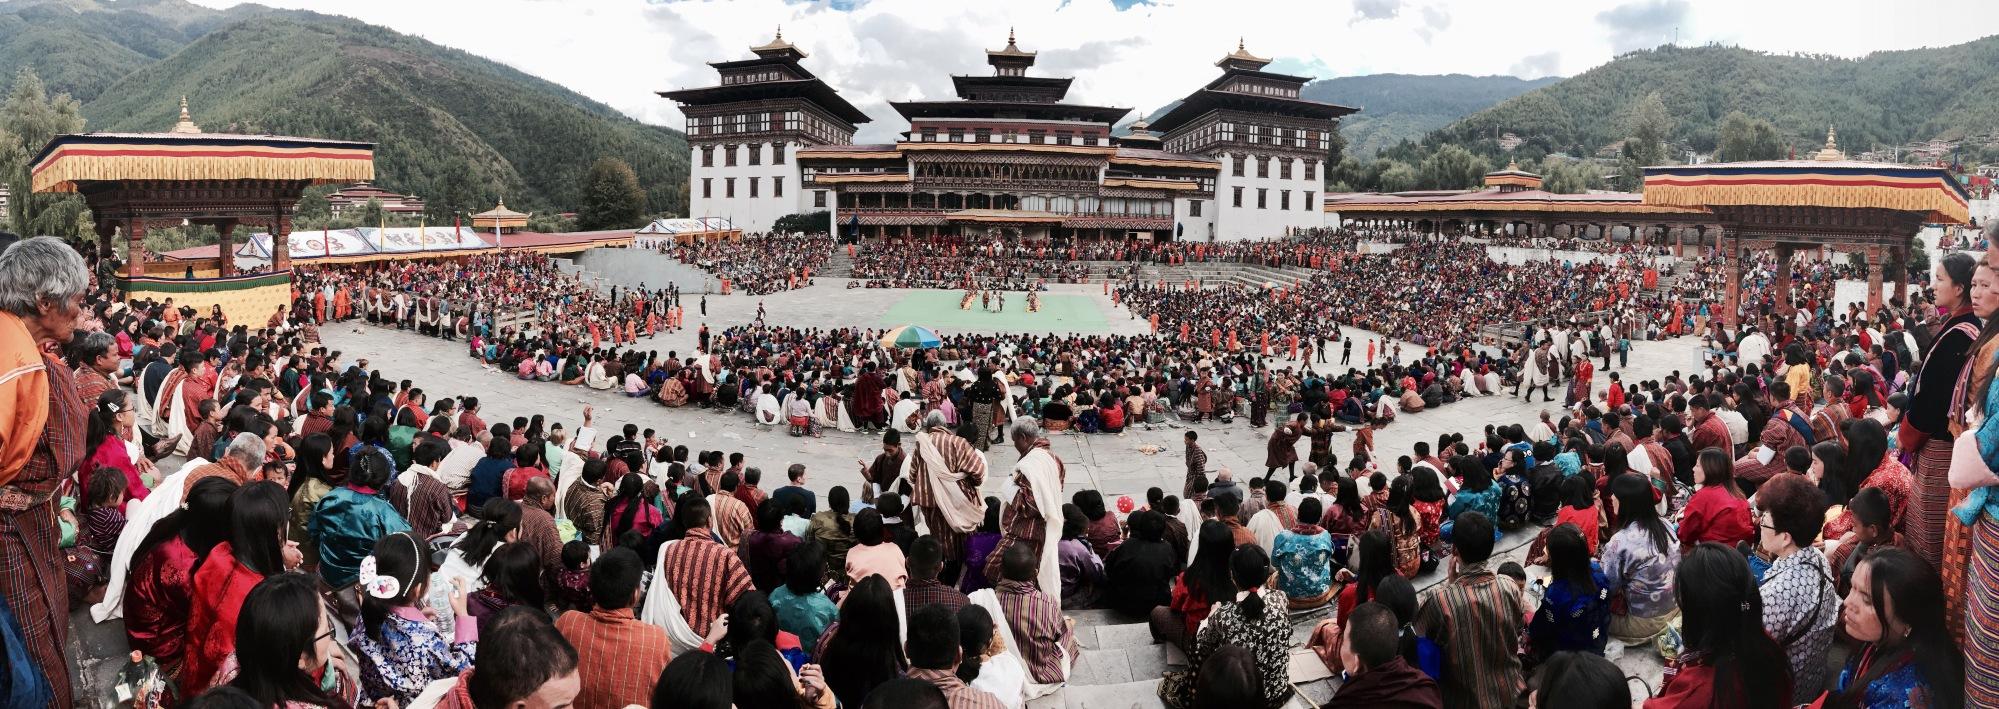 traditionalle tänze während des tsechu in thimphu, bhutan